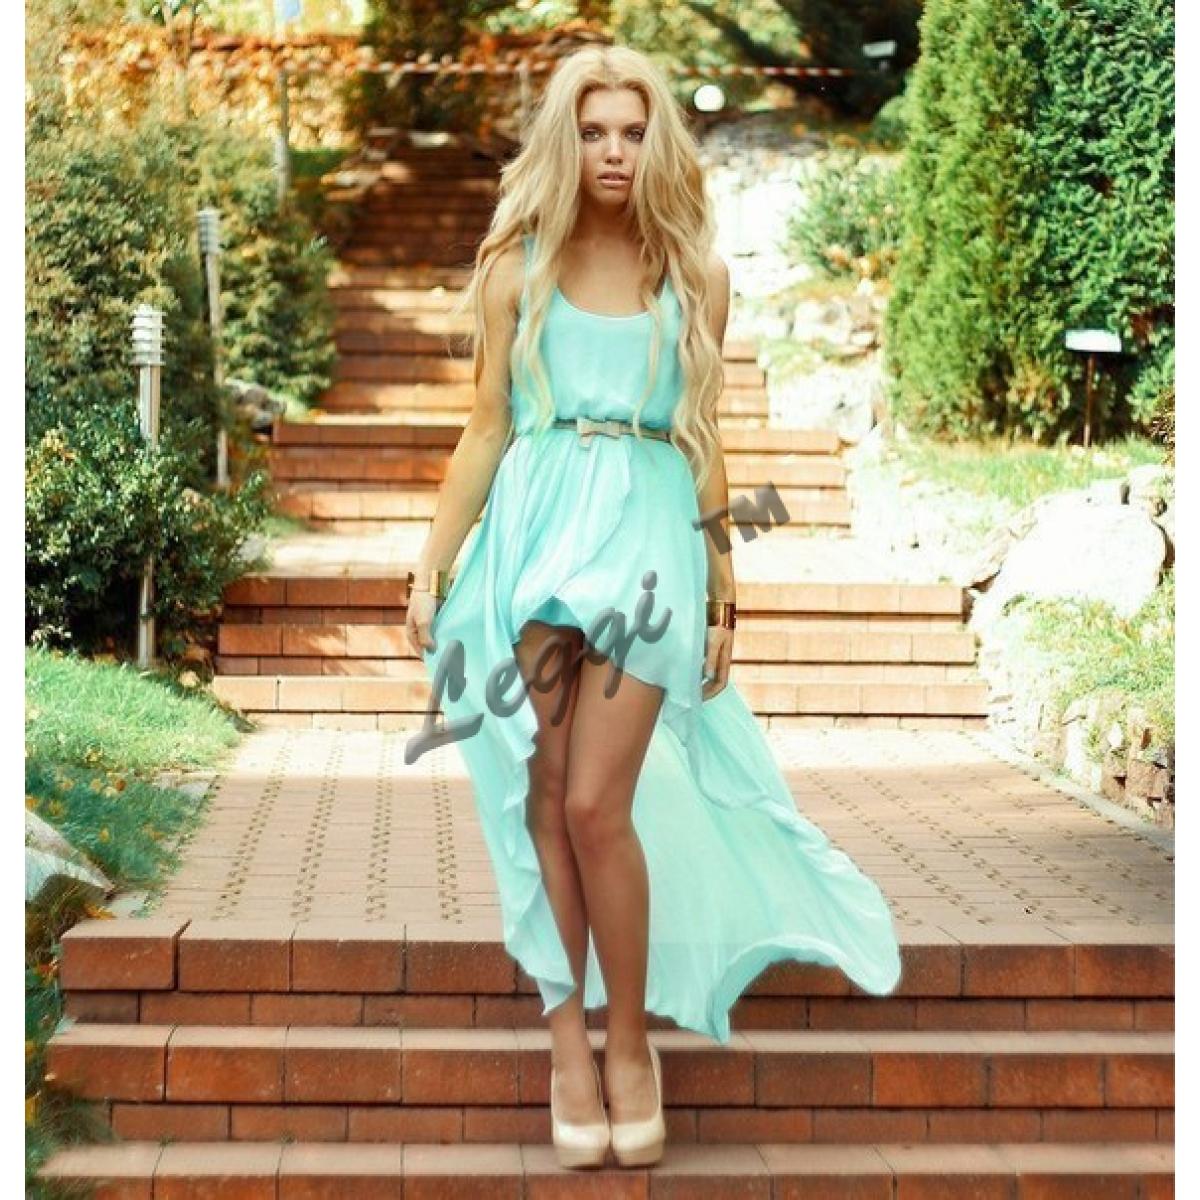 платье перед короткий зад длинный фото